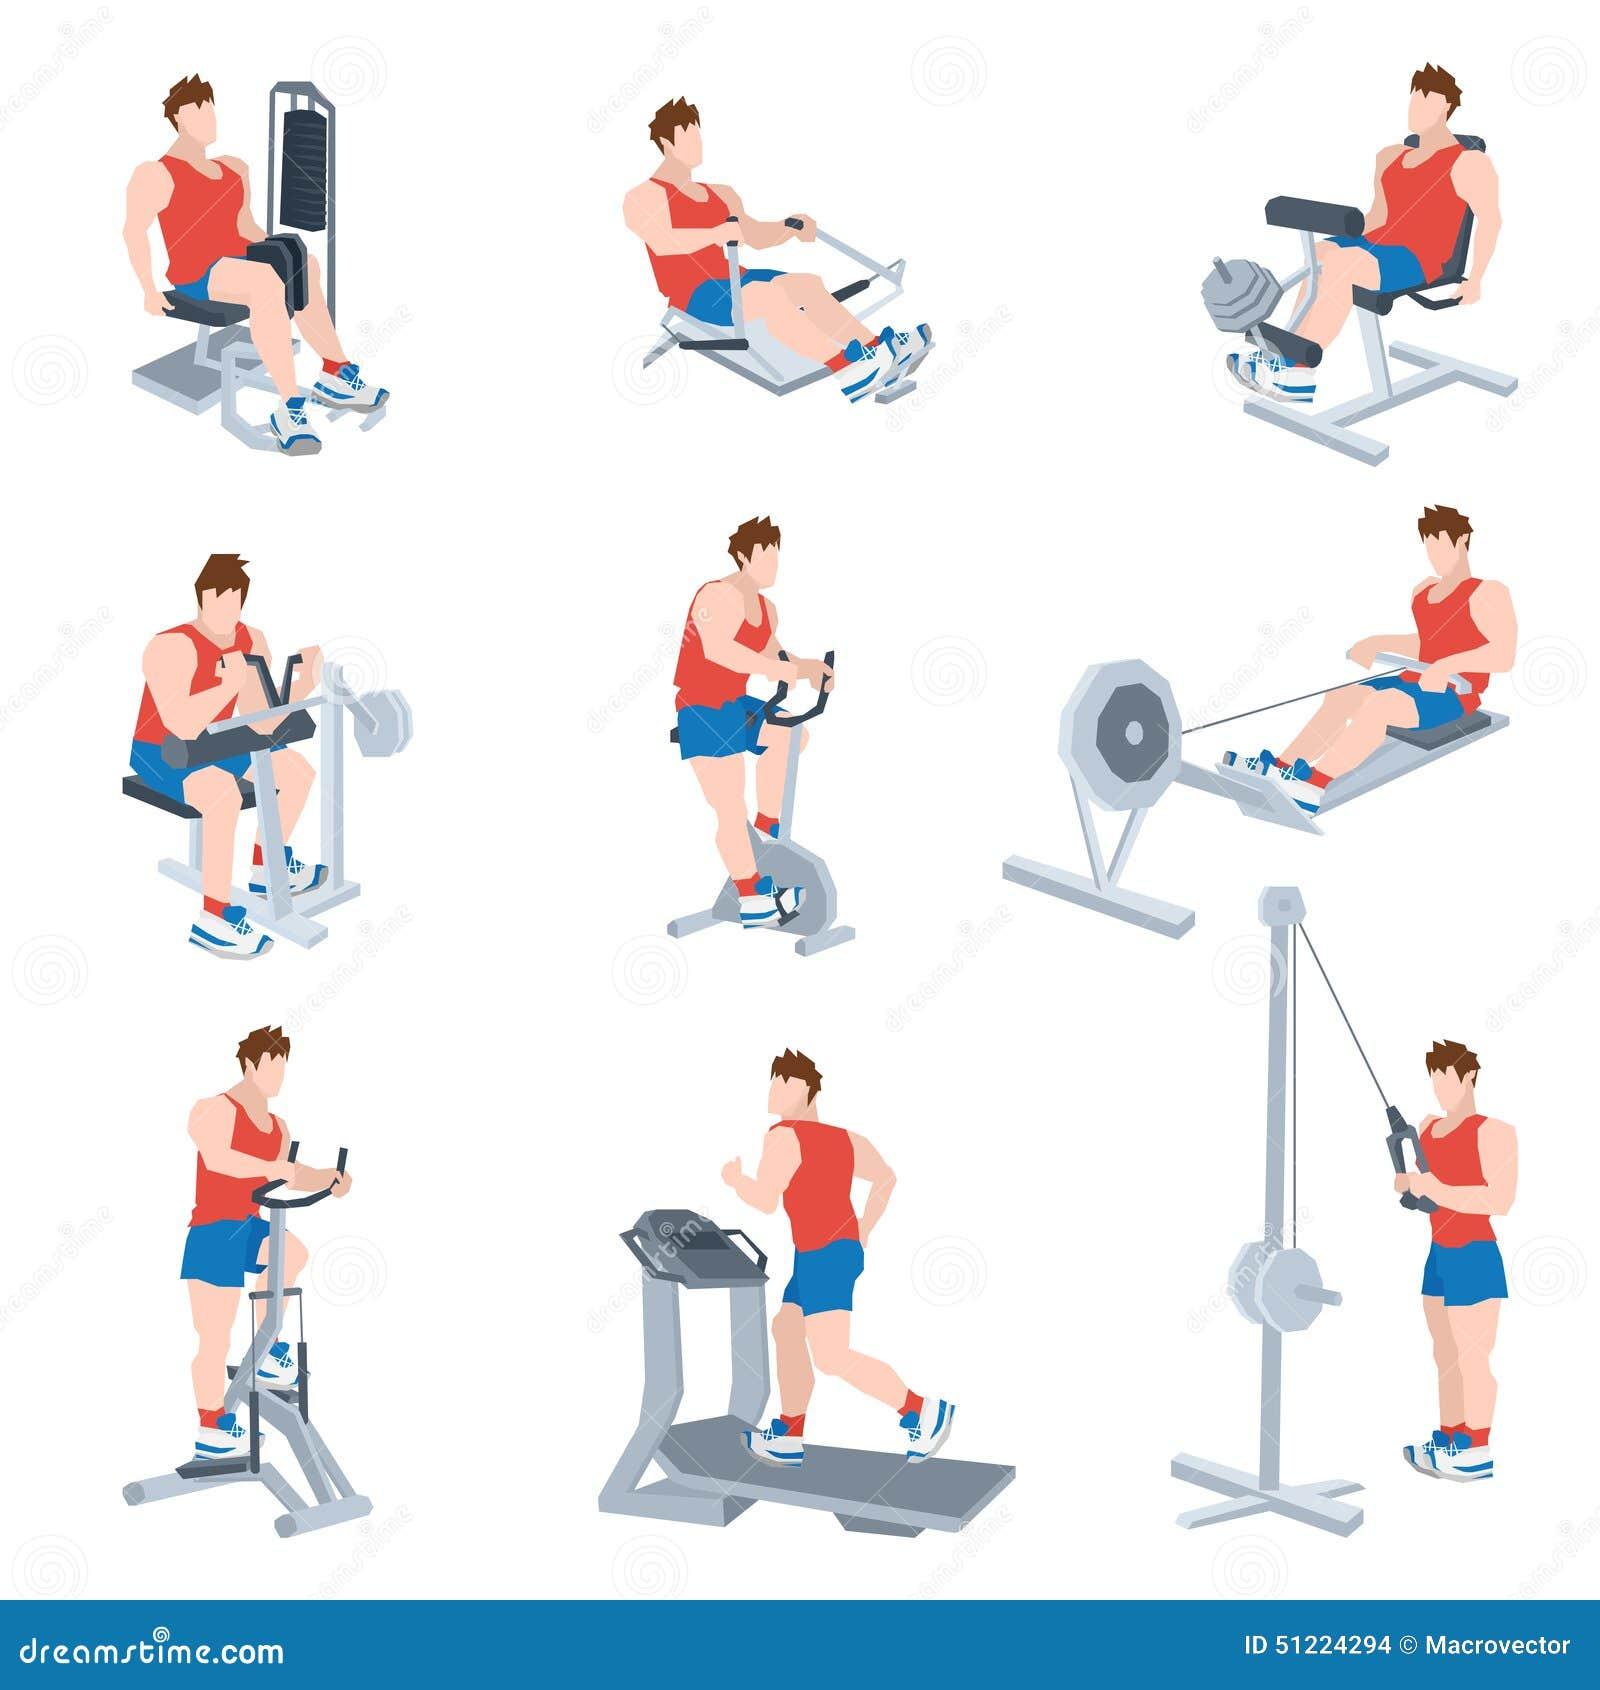 set up exercise machine